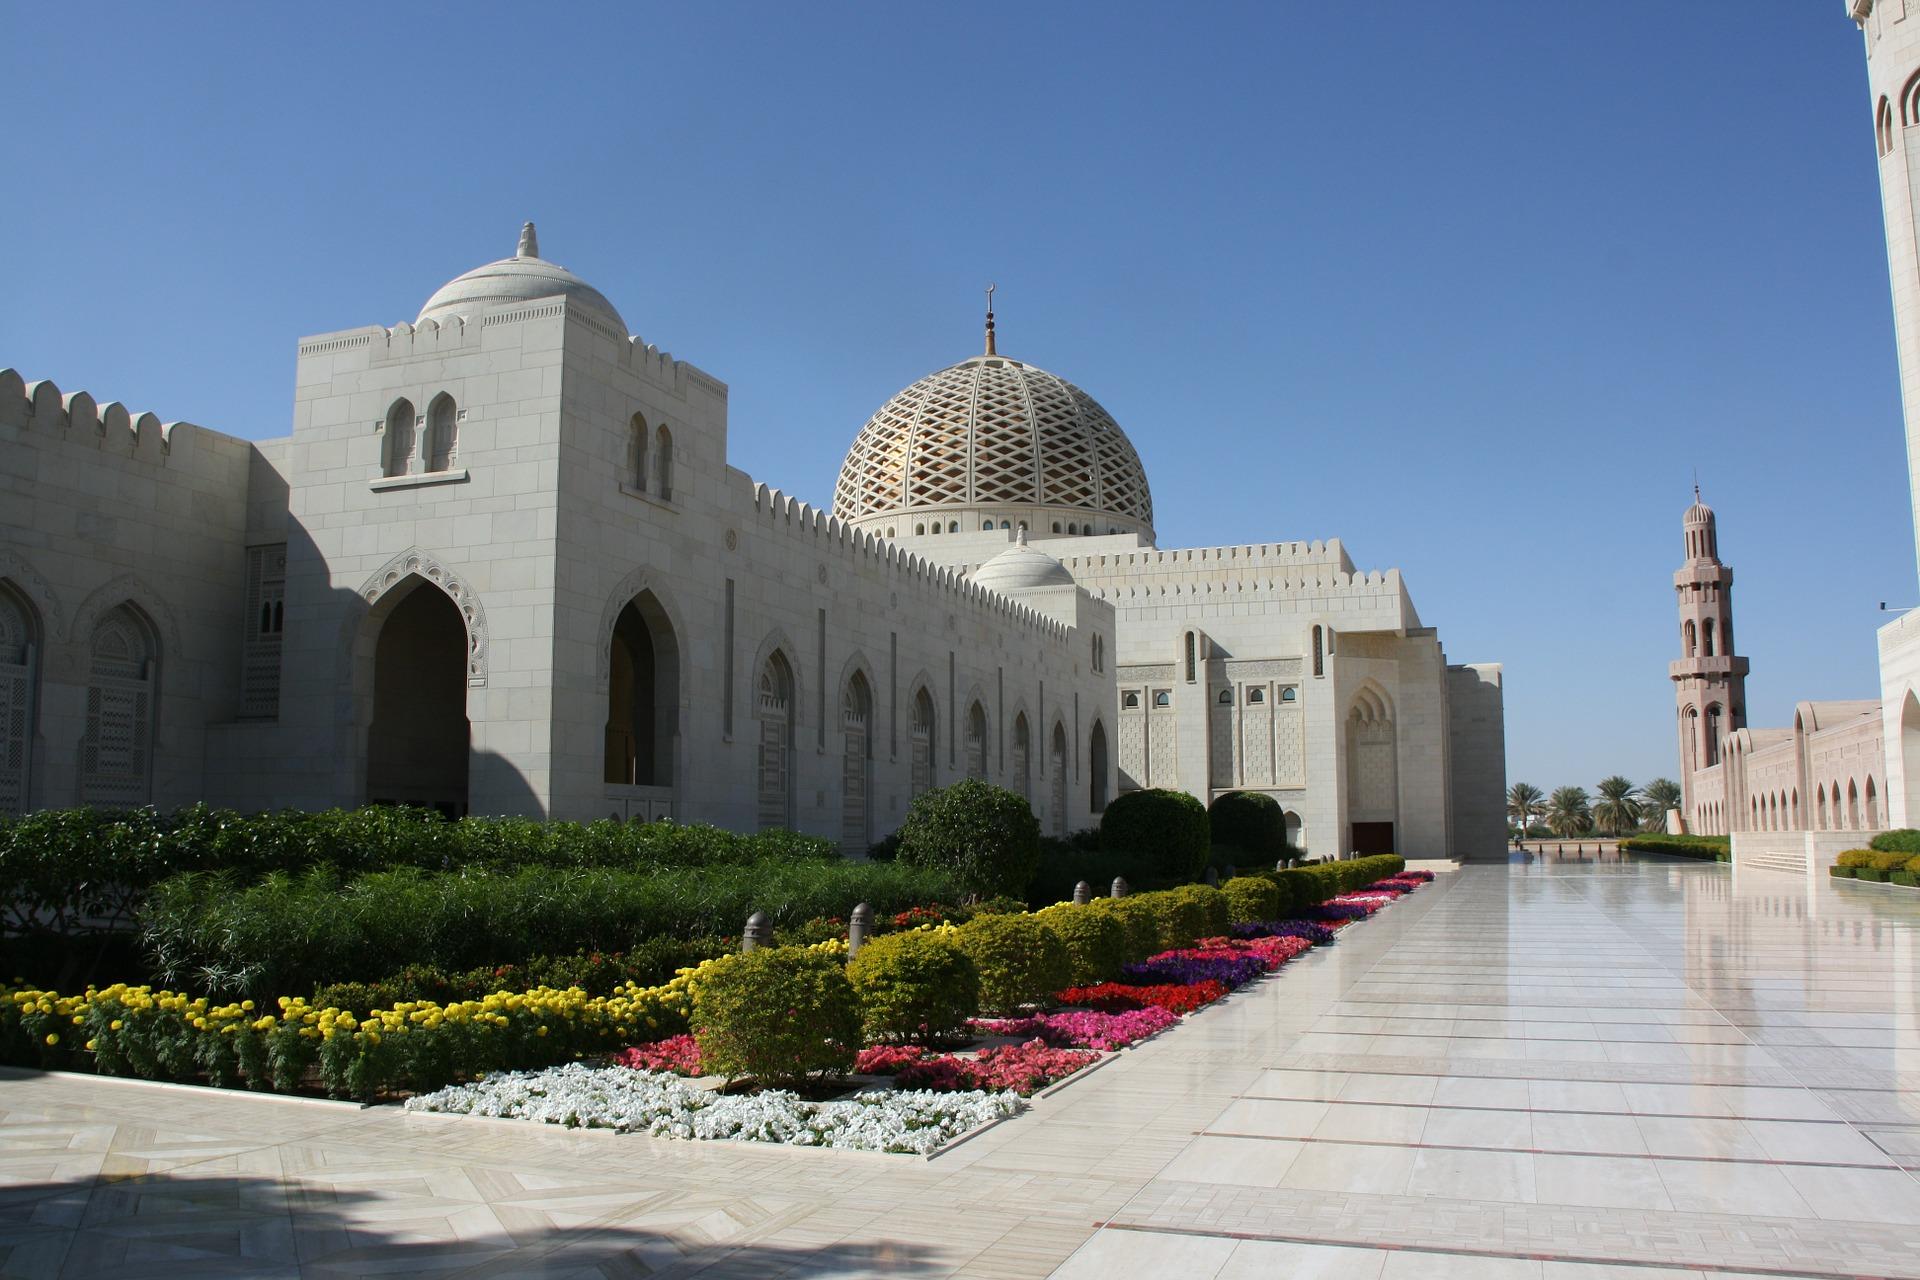 La grande moschea a Muscat in Oman